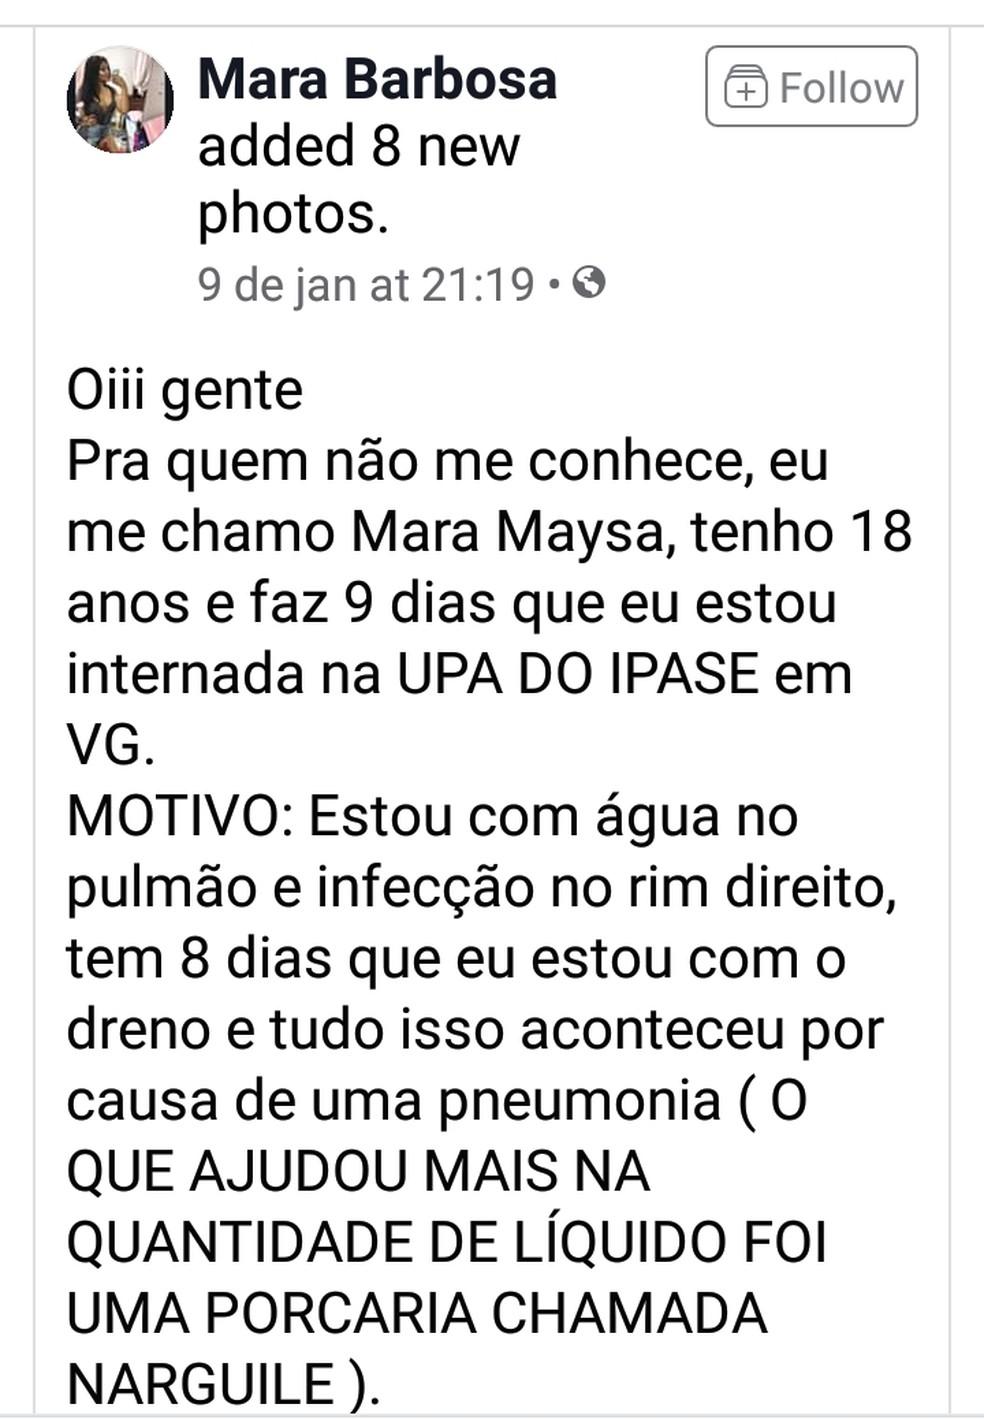 Mara fez post alertando sobre o uso de narguile — Foto: Facebook/ Reprodução